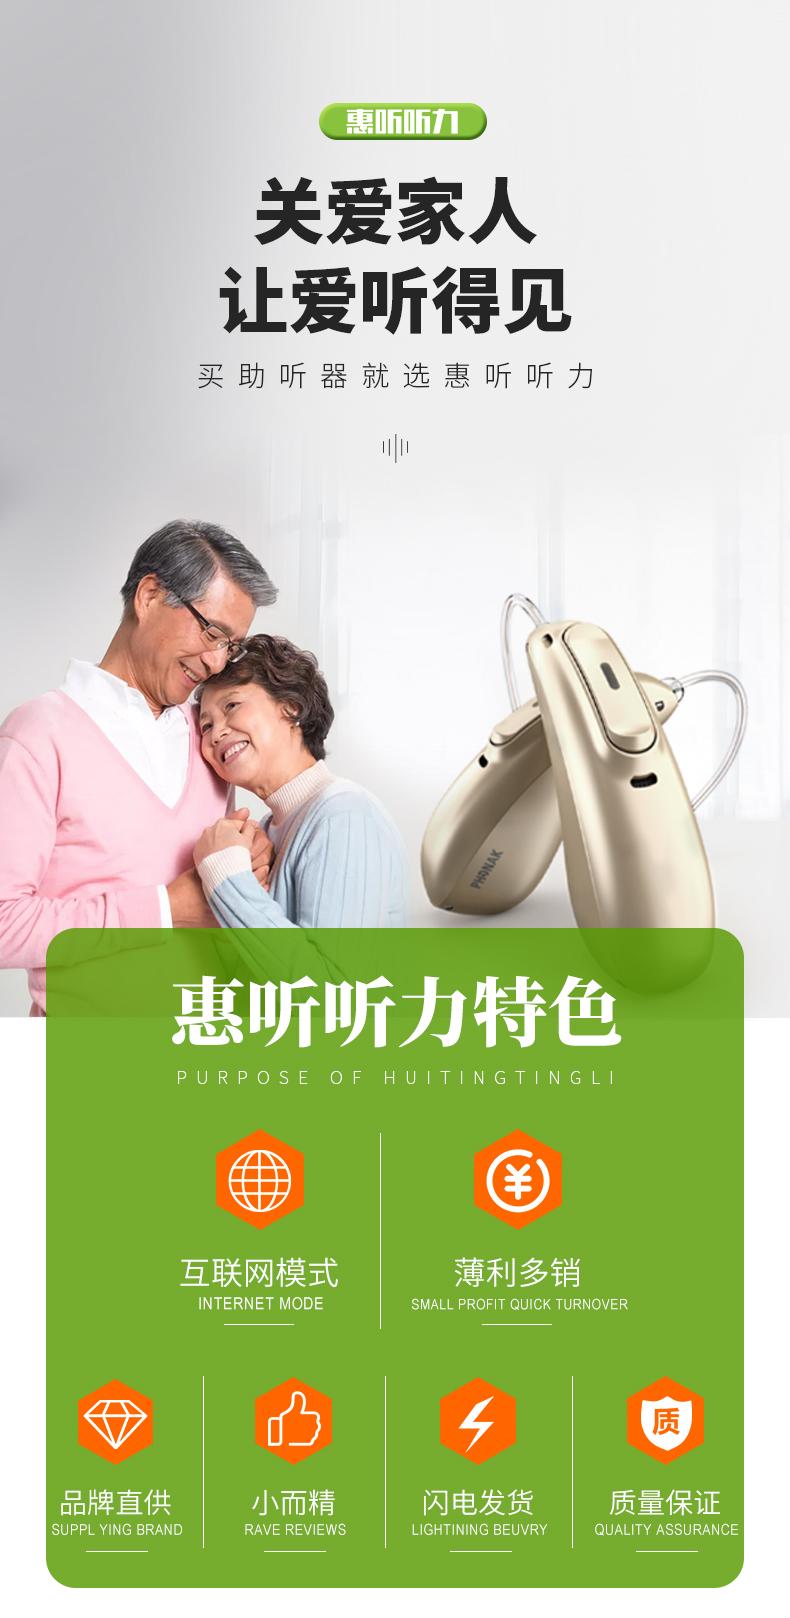 上海助听器实体店地址 西门子助听器 西嘉助听器 真我助听器效果 助听器好用吗